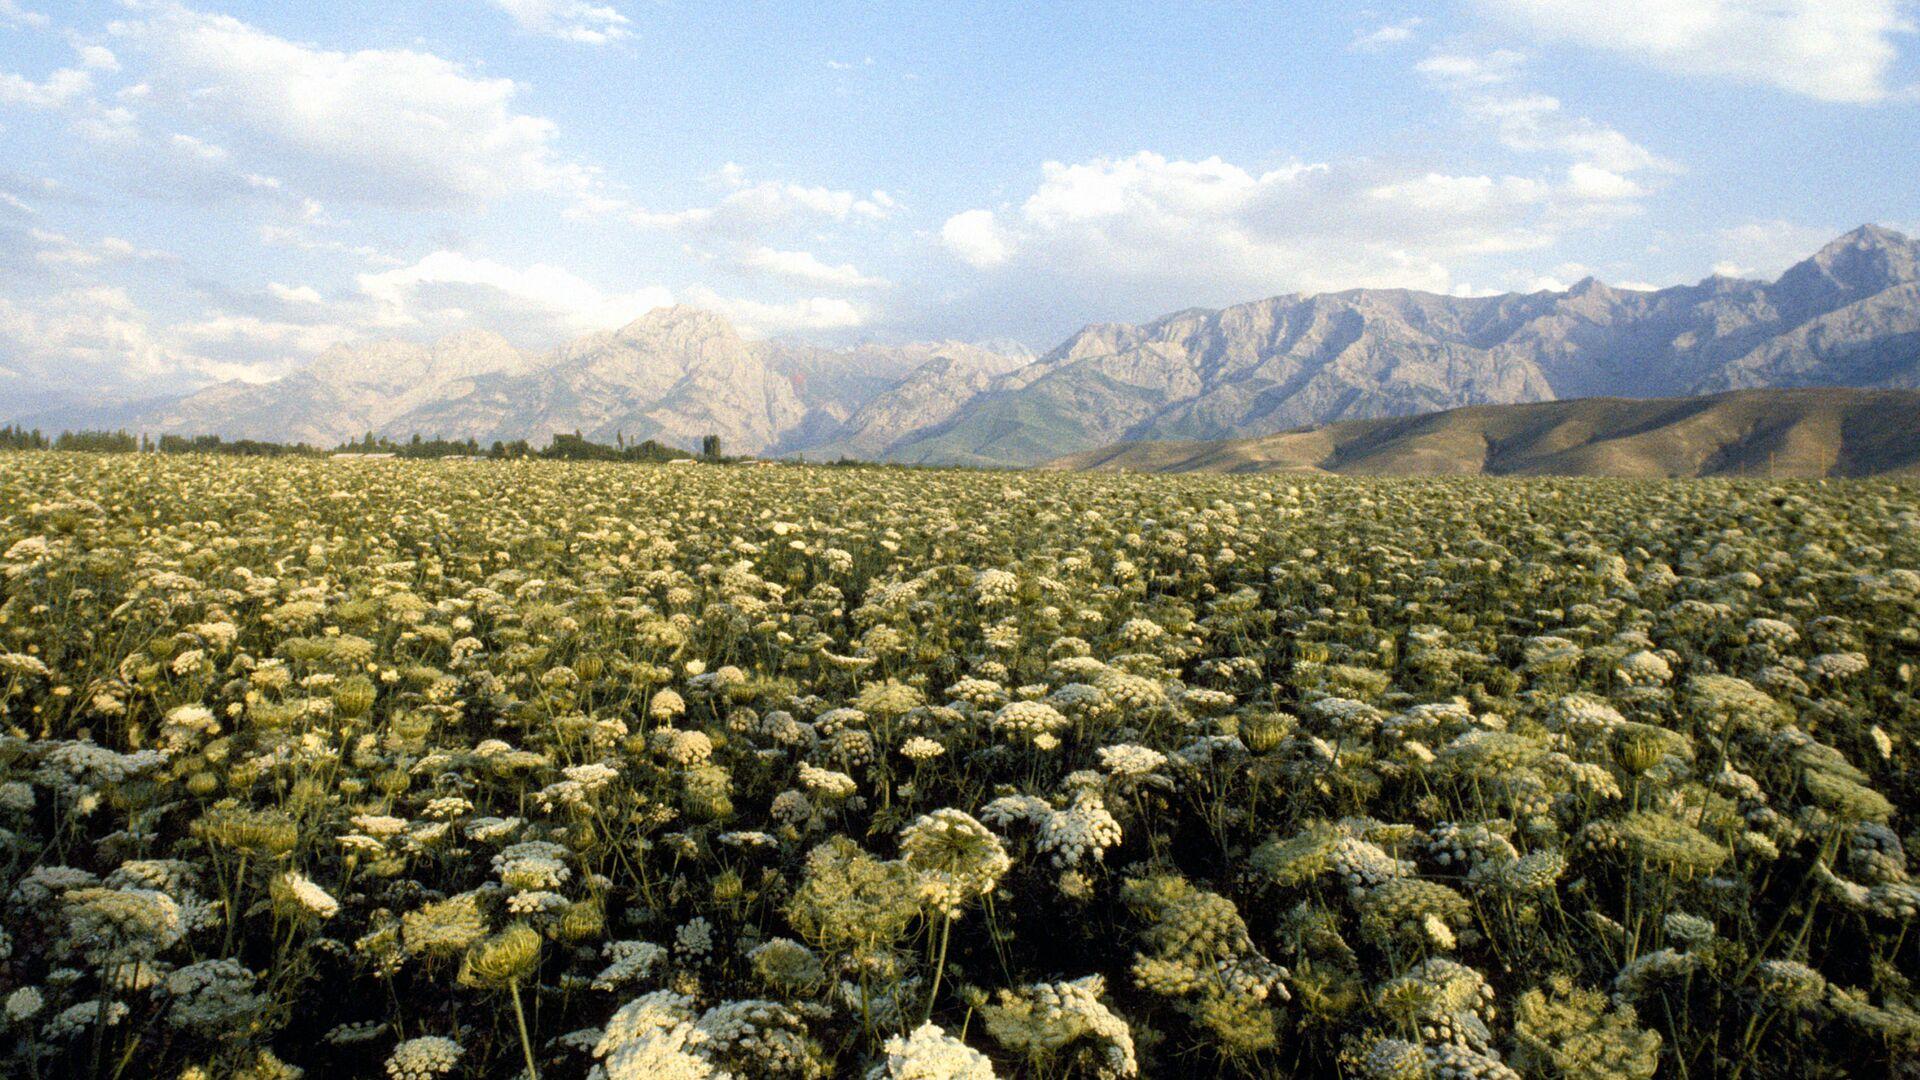 Ферганская долина в Узбекистан - Sputnik Узбекистан, 1920, 17.09.2021